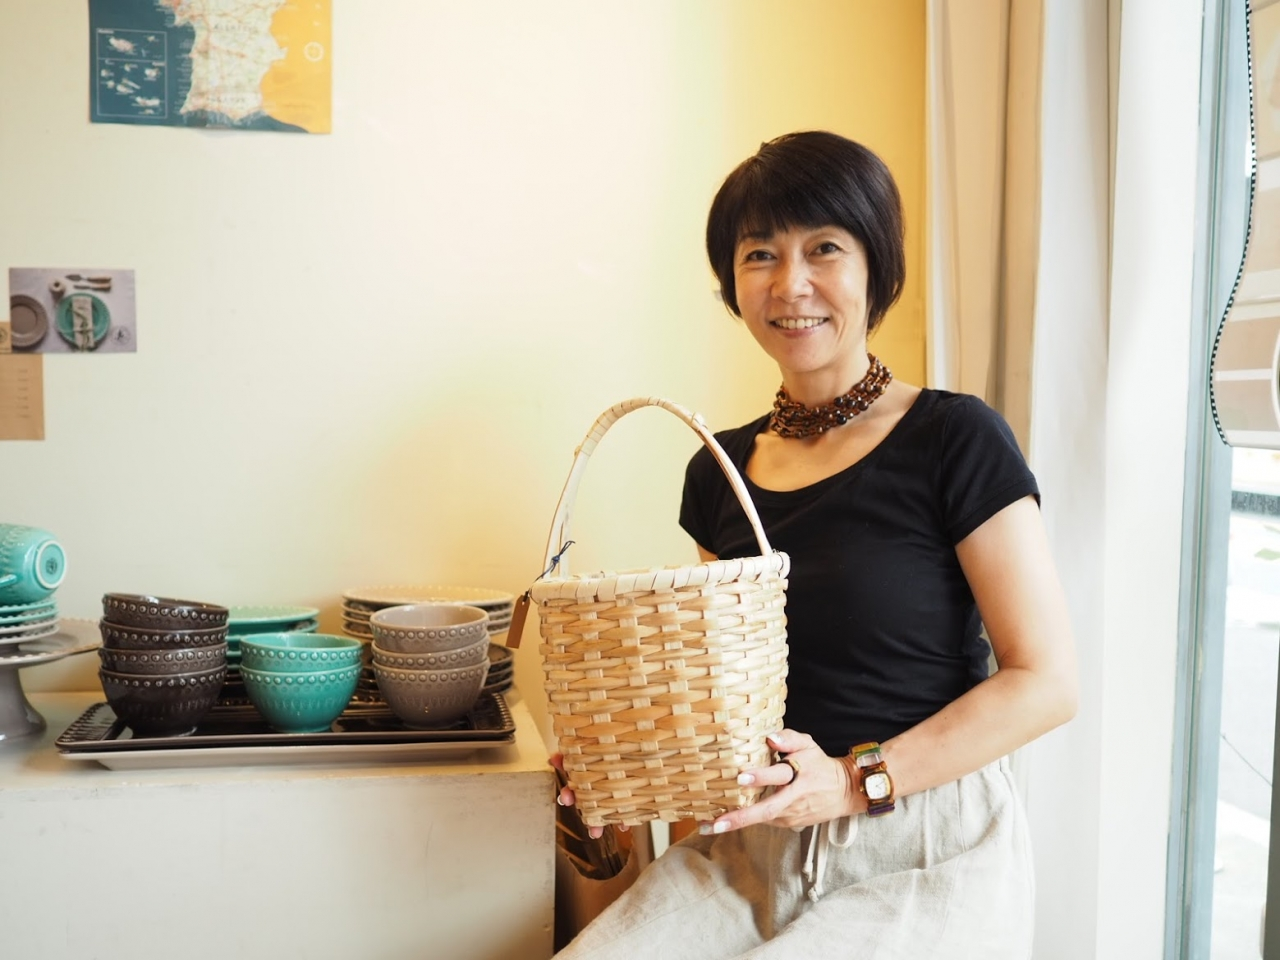 昨年の秋以来久しぶりの出店となったボルダロ・ピニェイロの陶磁器と限定品のカゴ